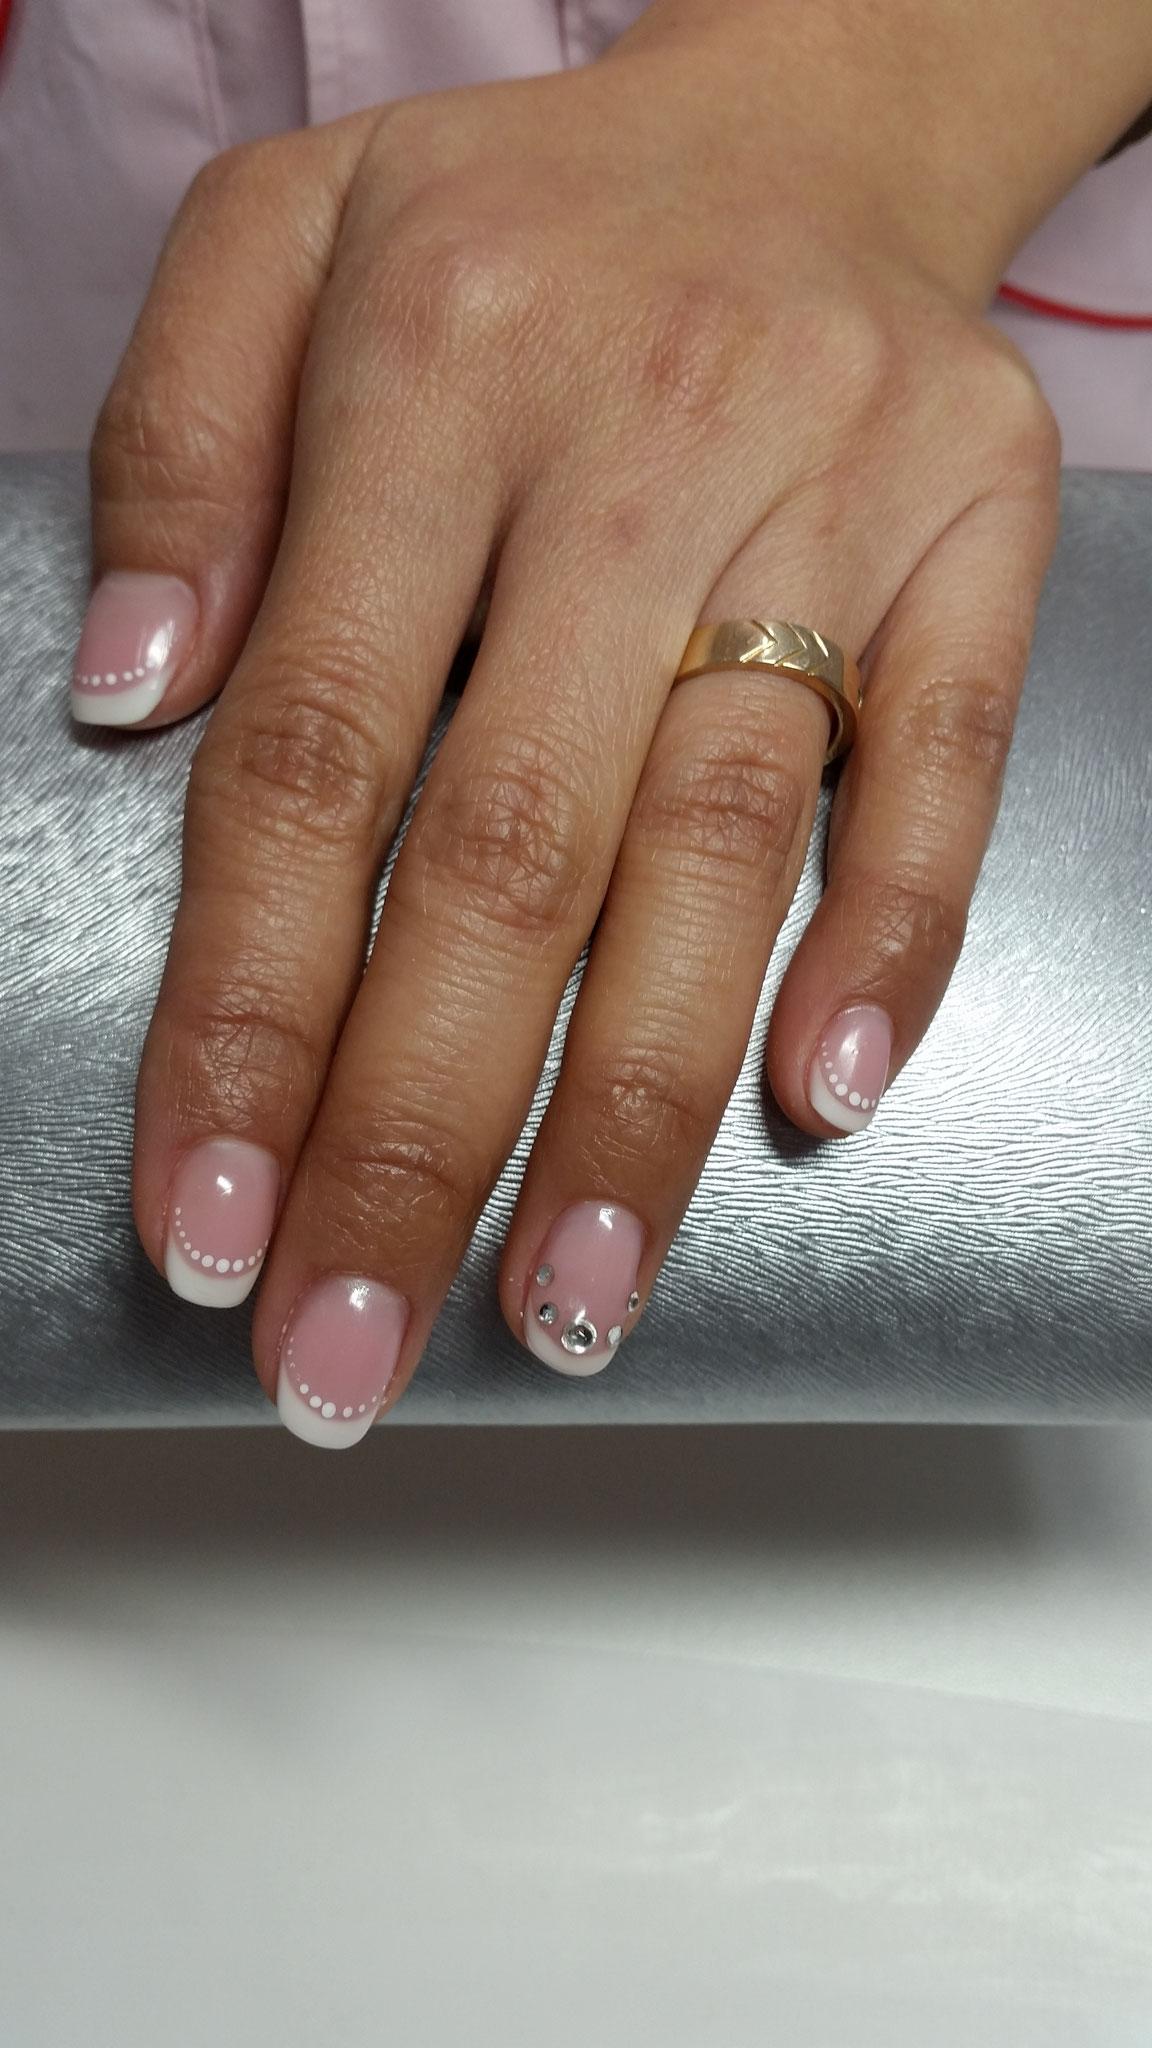 Ob Handgezeichnet oder Airbrushdesign bekommen sie jedes erdenkliche Design auf ihre Nägel